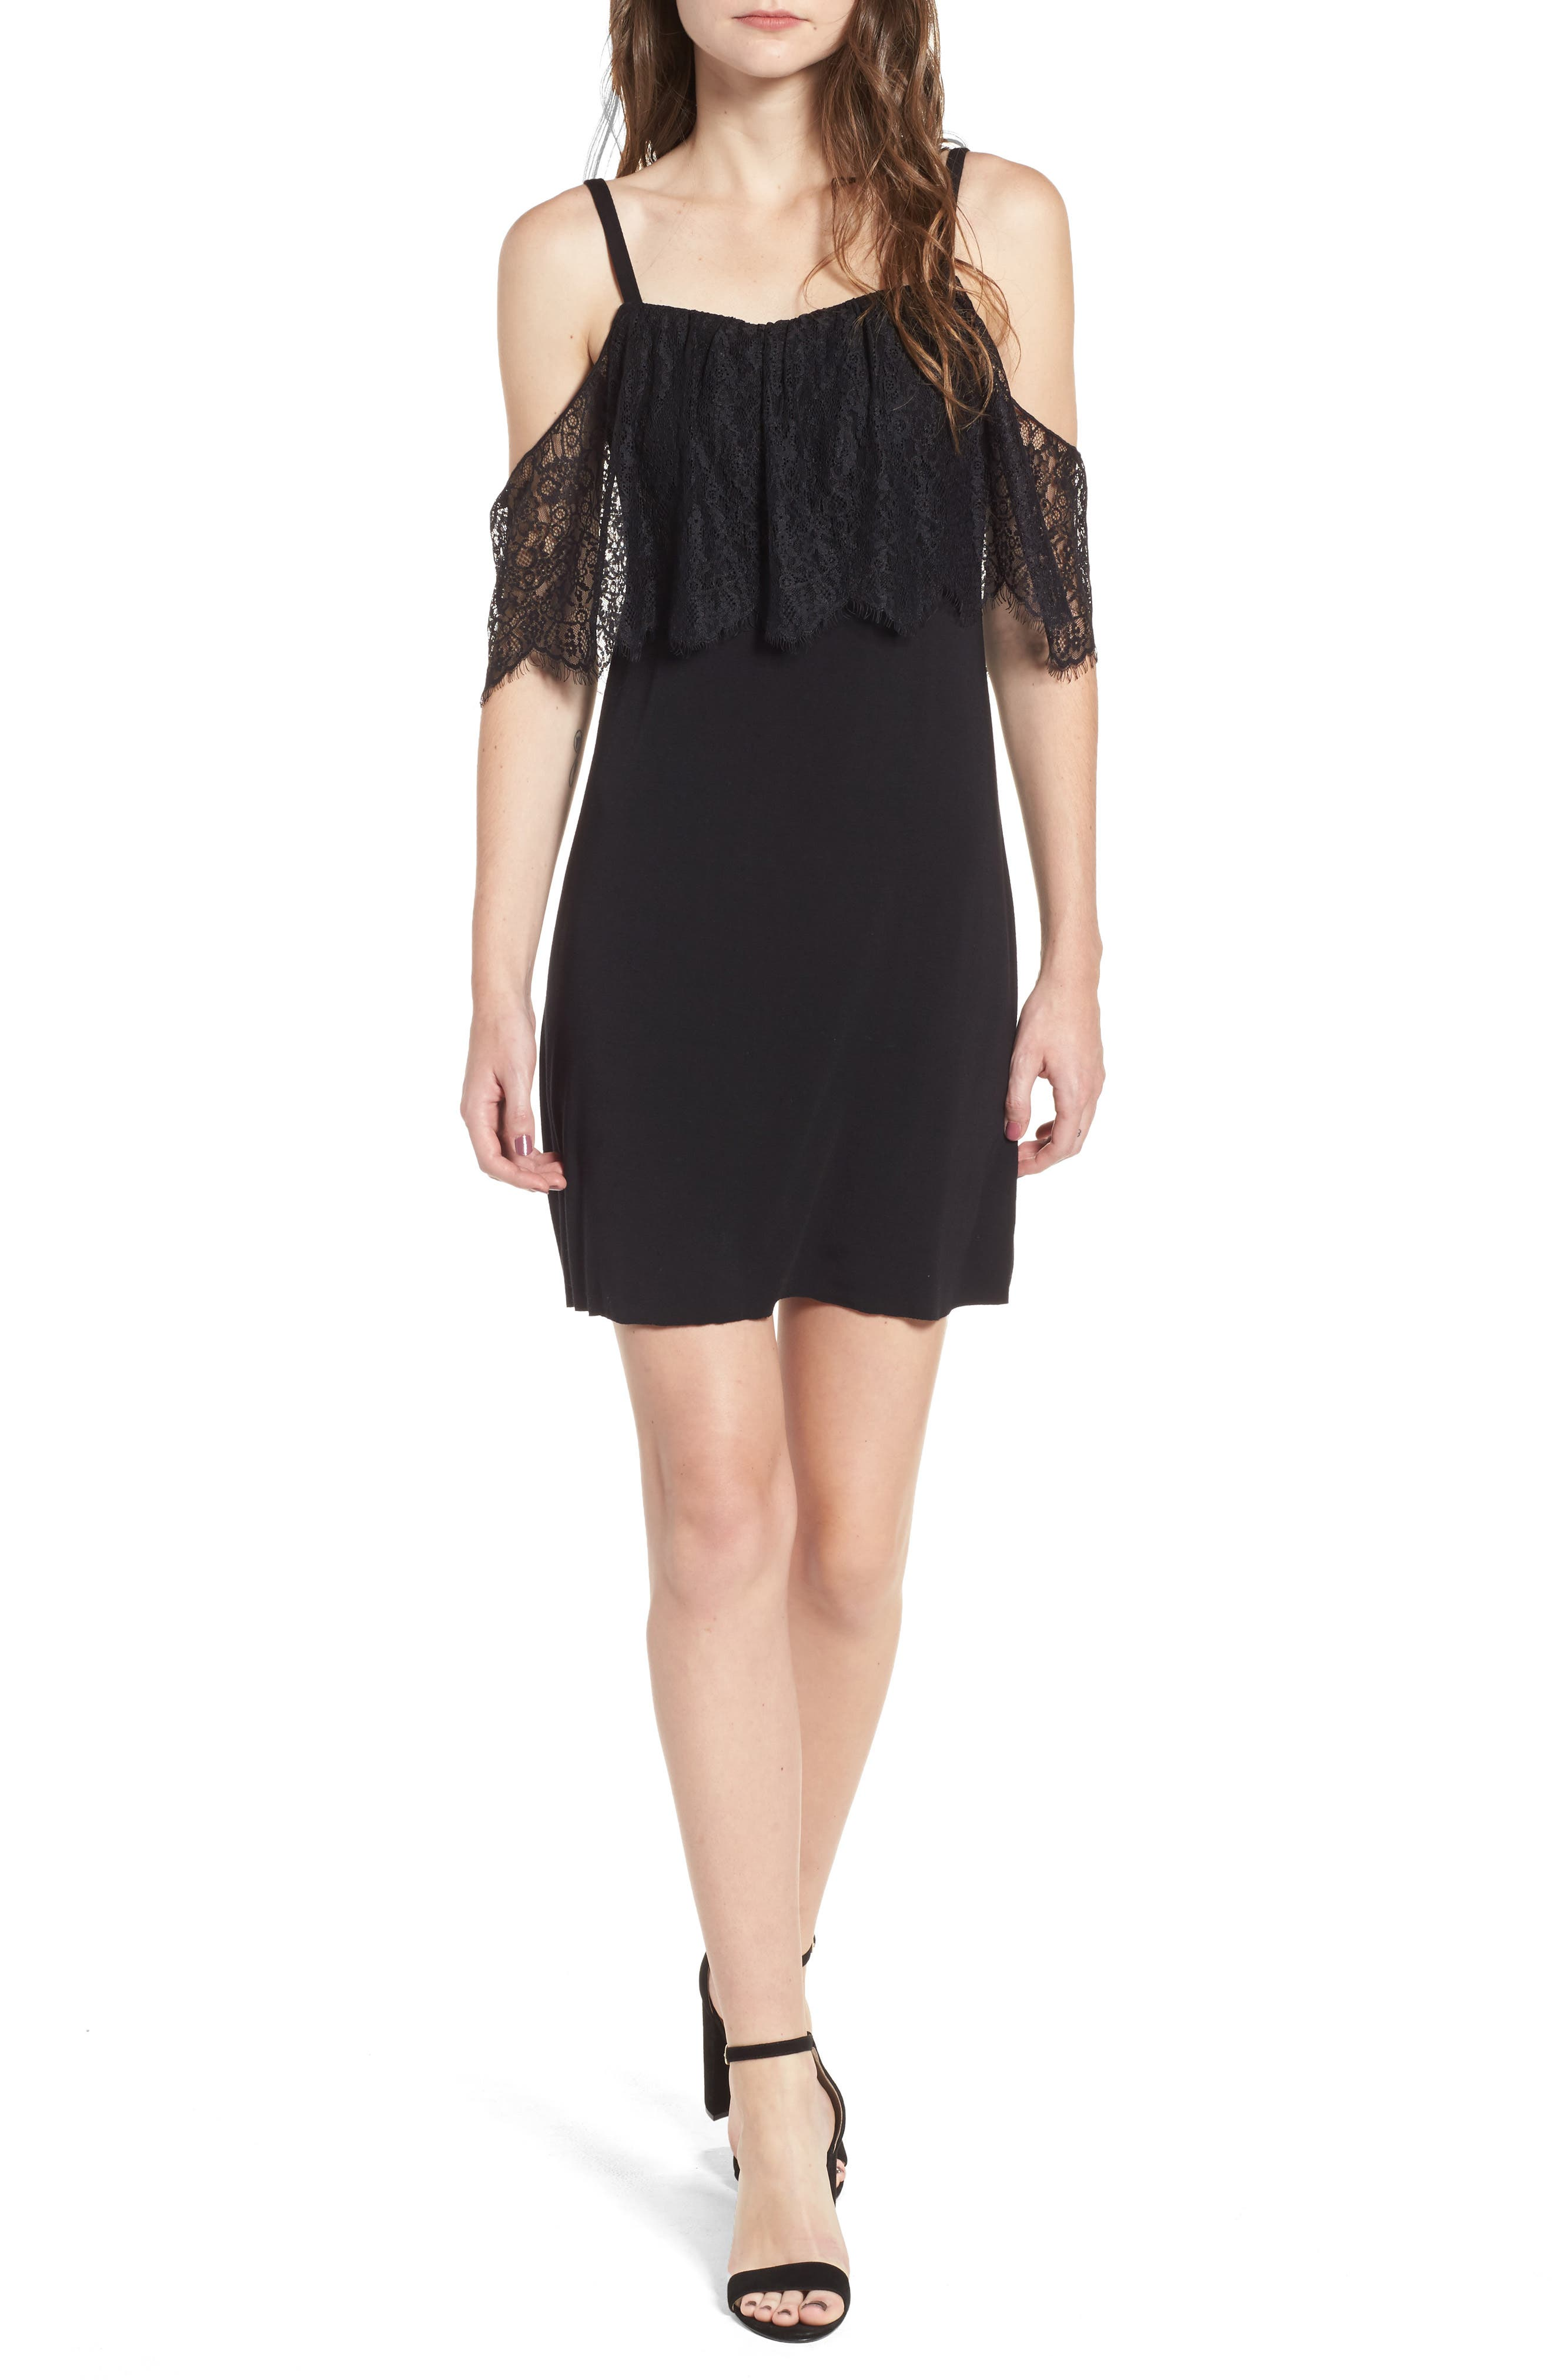 Alternate Image 1 Selected - Bailey 44 Dark Horse Cold Shoulder Dress